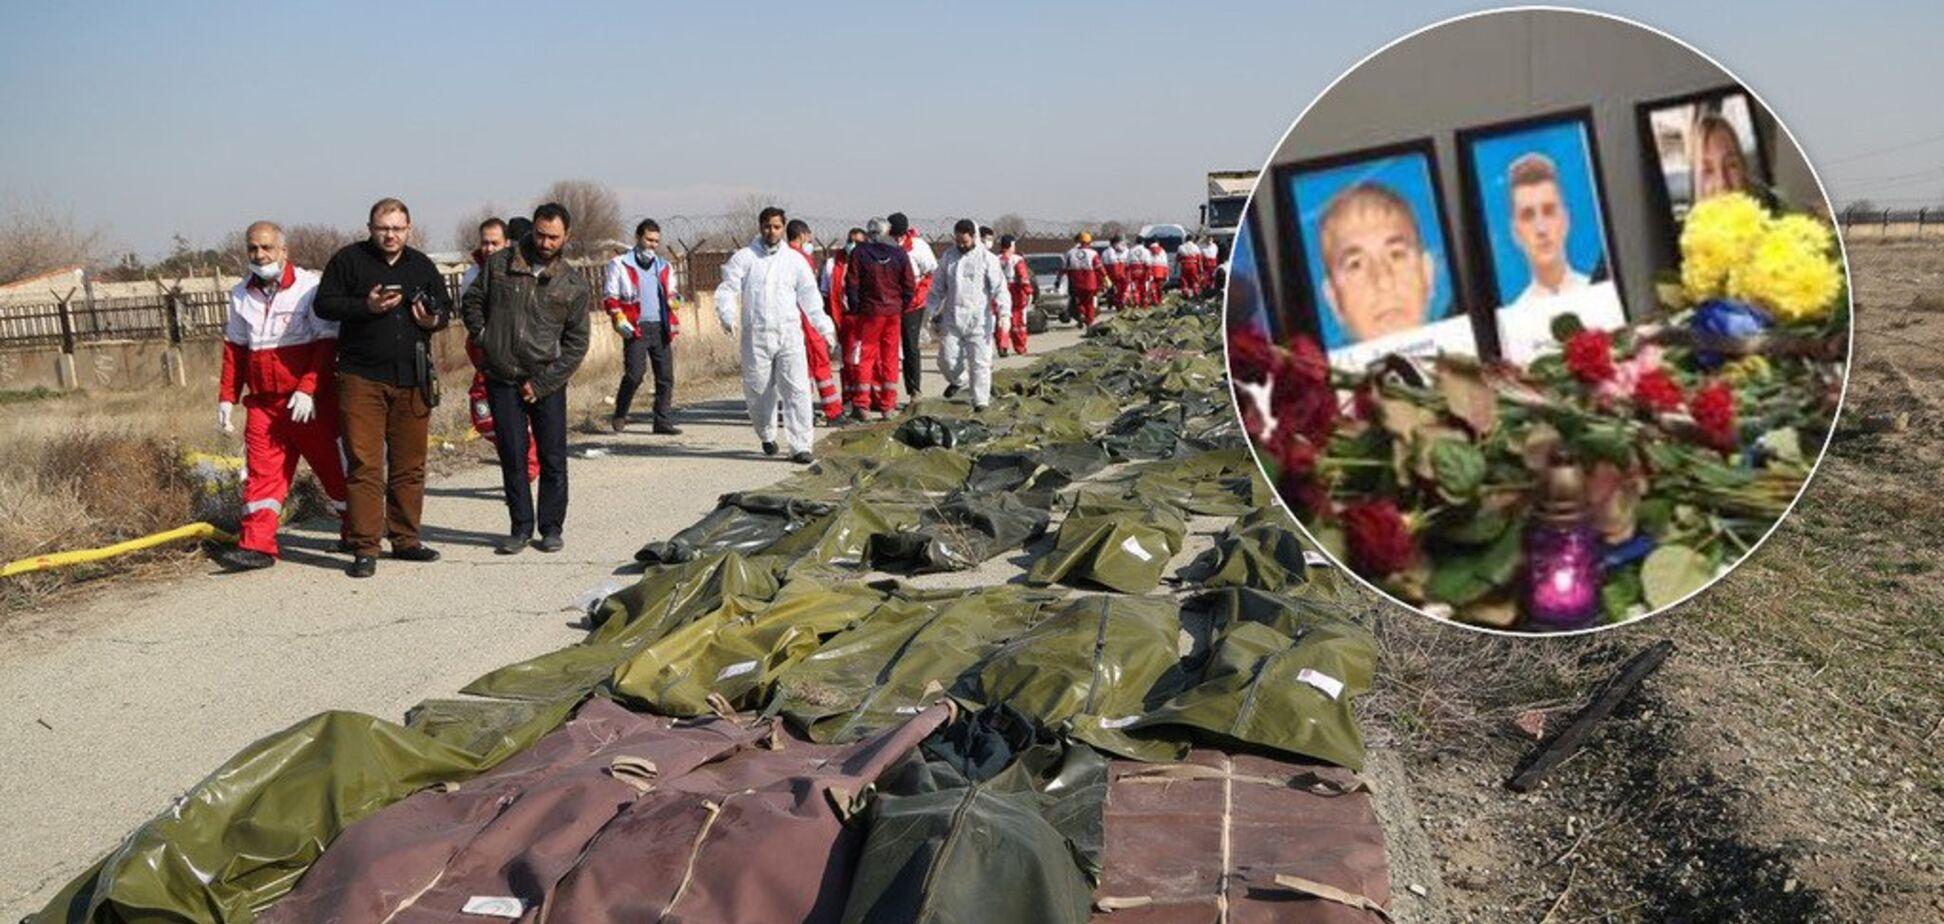 'Чорні скриньки' пошкоджені й не виключена версія теракту: про що свідчить доповідь Ірану щодо літака МАУ